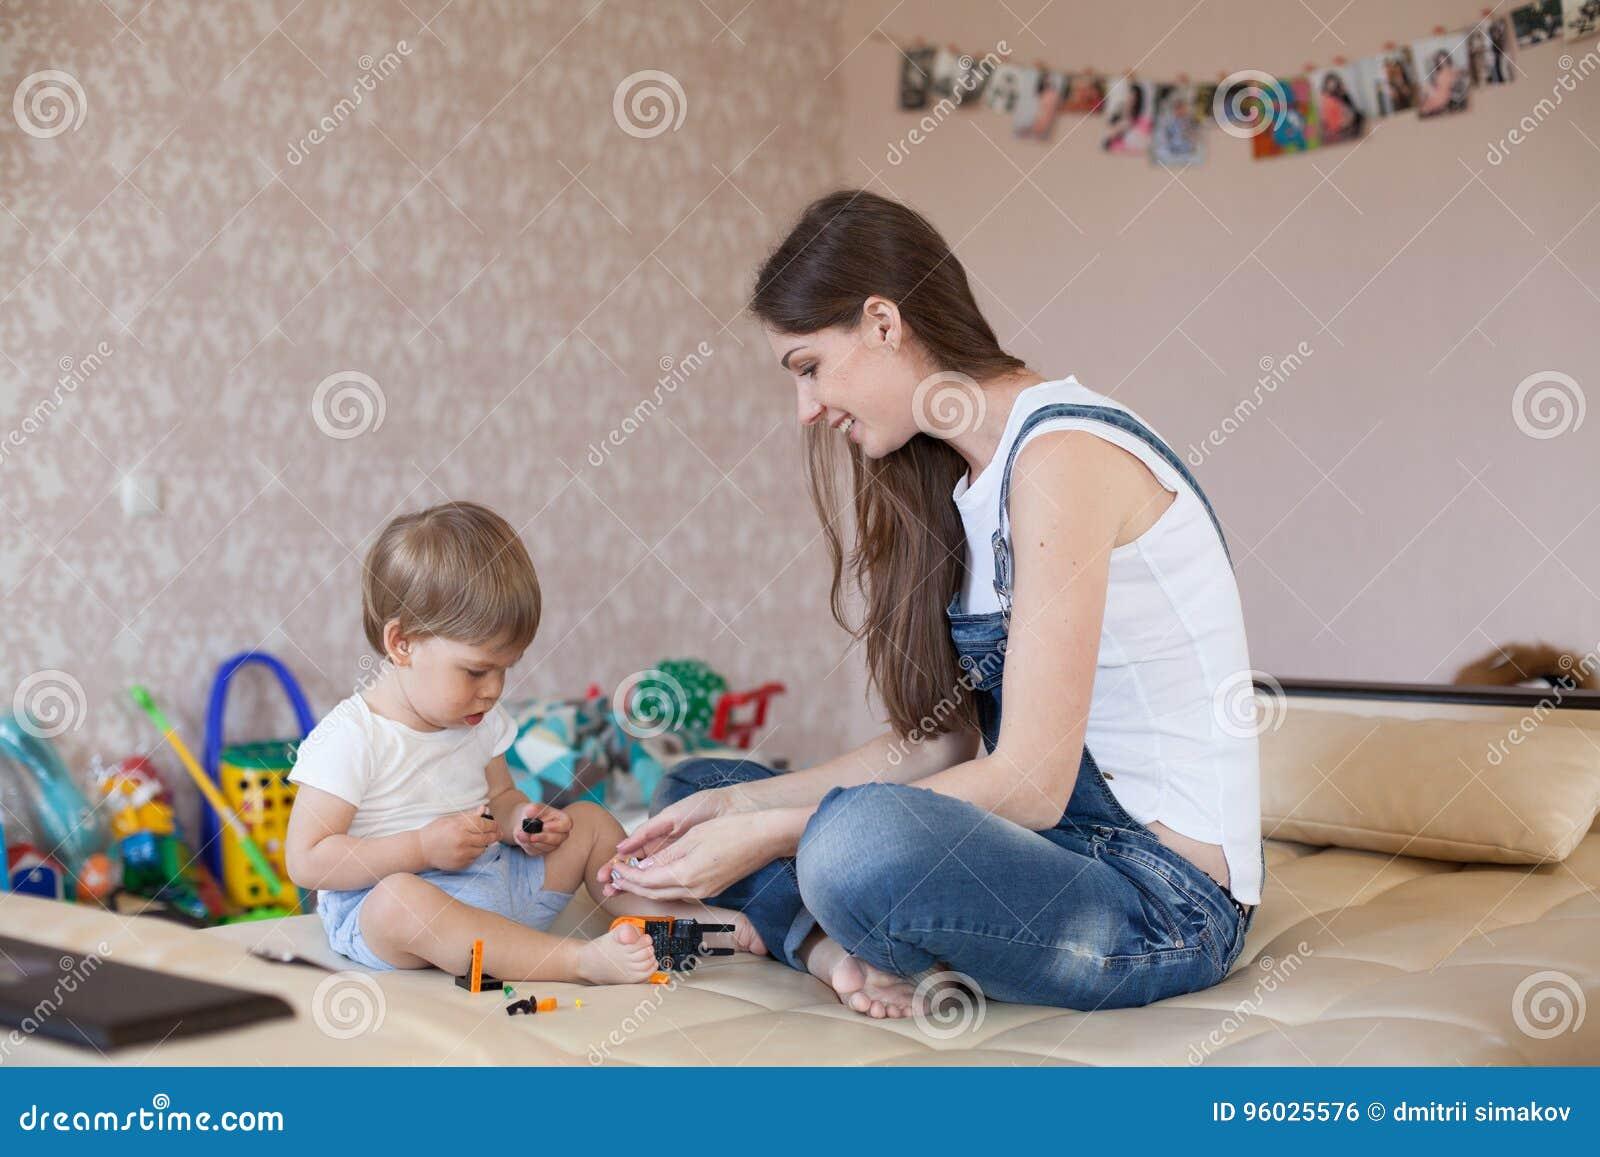 Matka i chłopiec bawić się z zabawkami w pepinierze